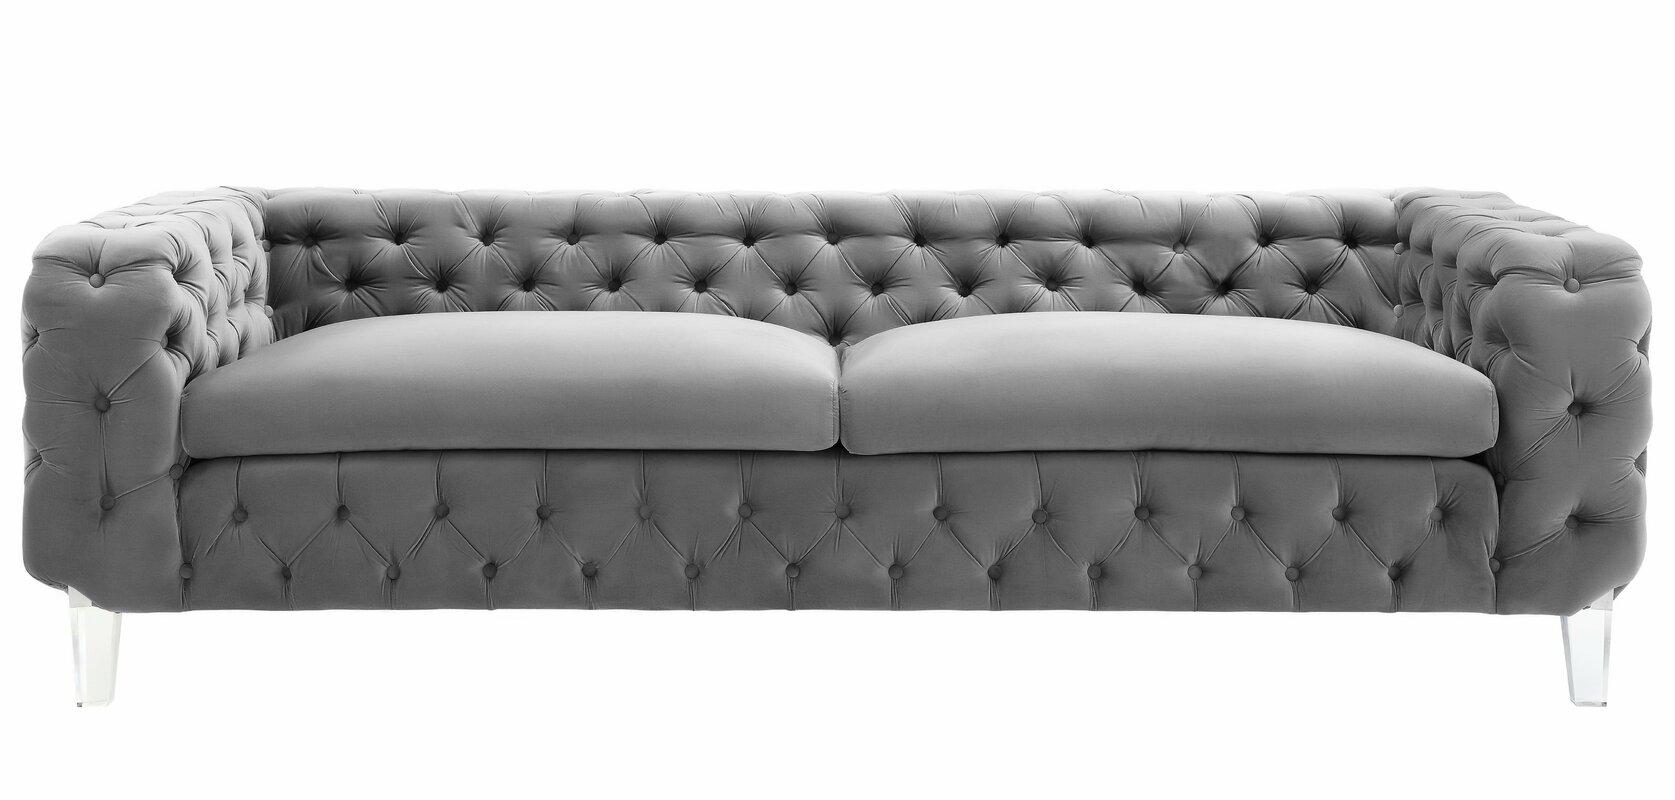 Ceclia Velvet Upholstery Chesterfield Sofa